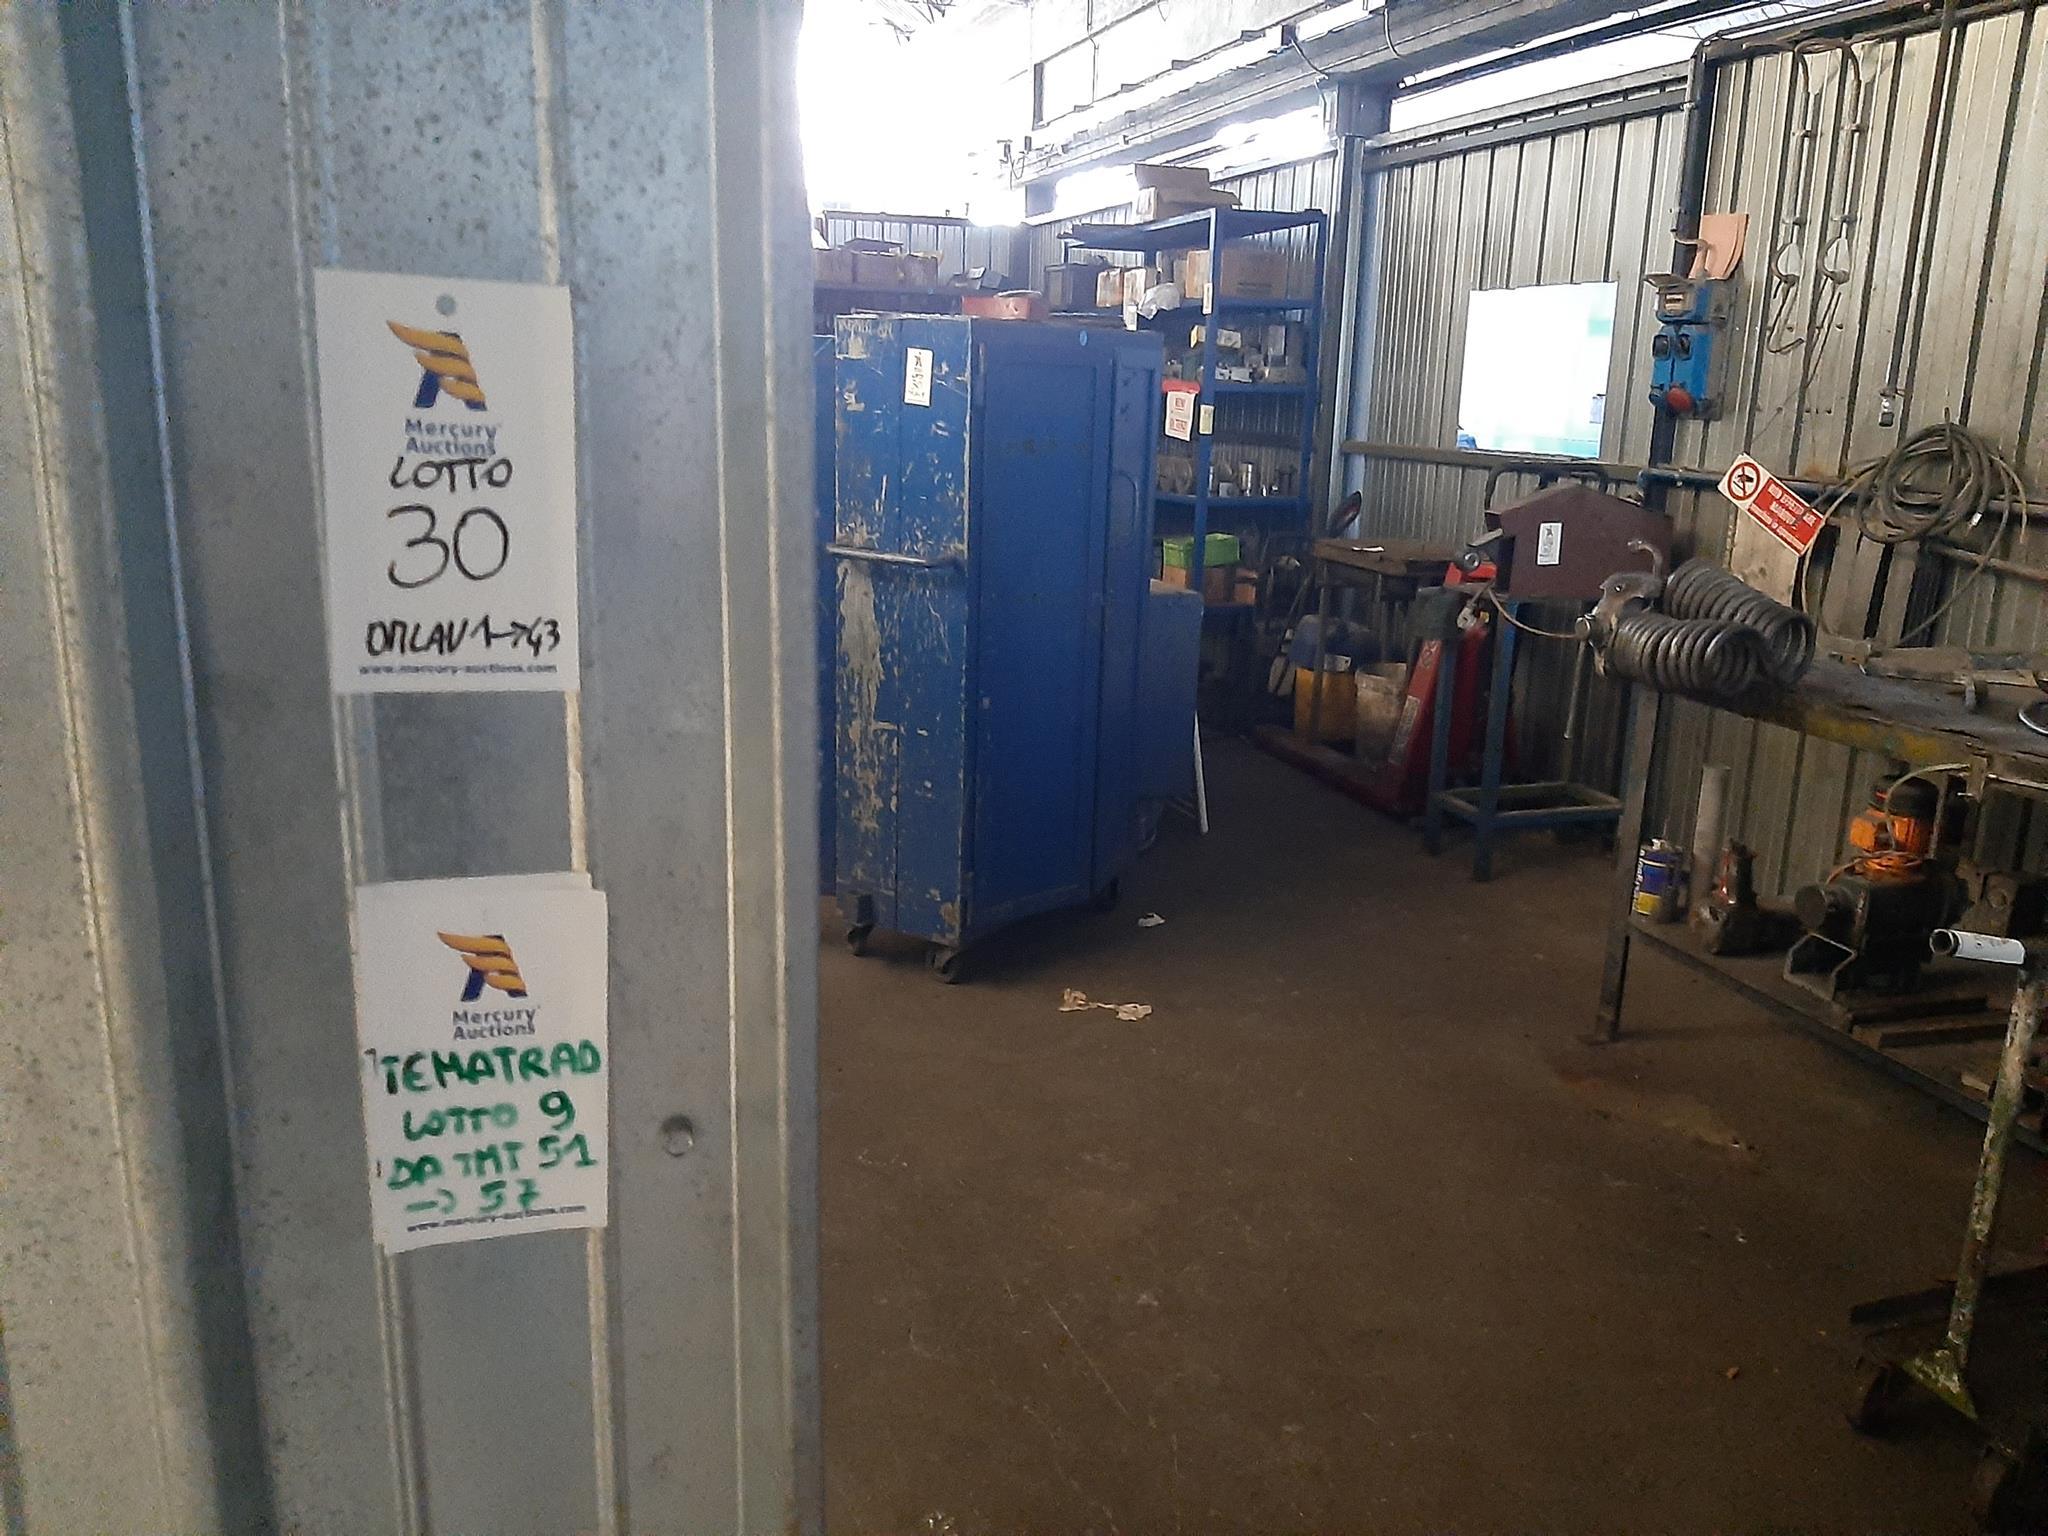 Parti ricambio per presse, colonne, macchinari utensili in vendita - foto 10